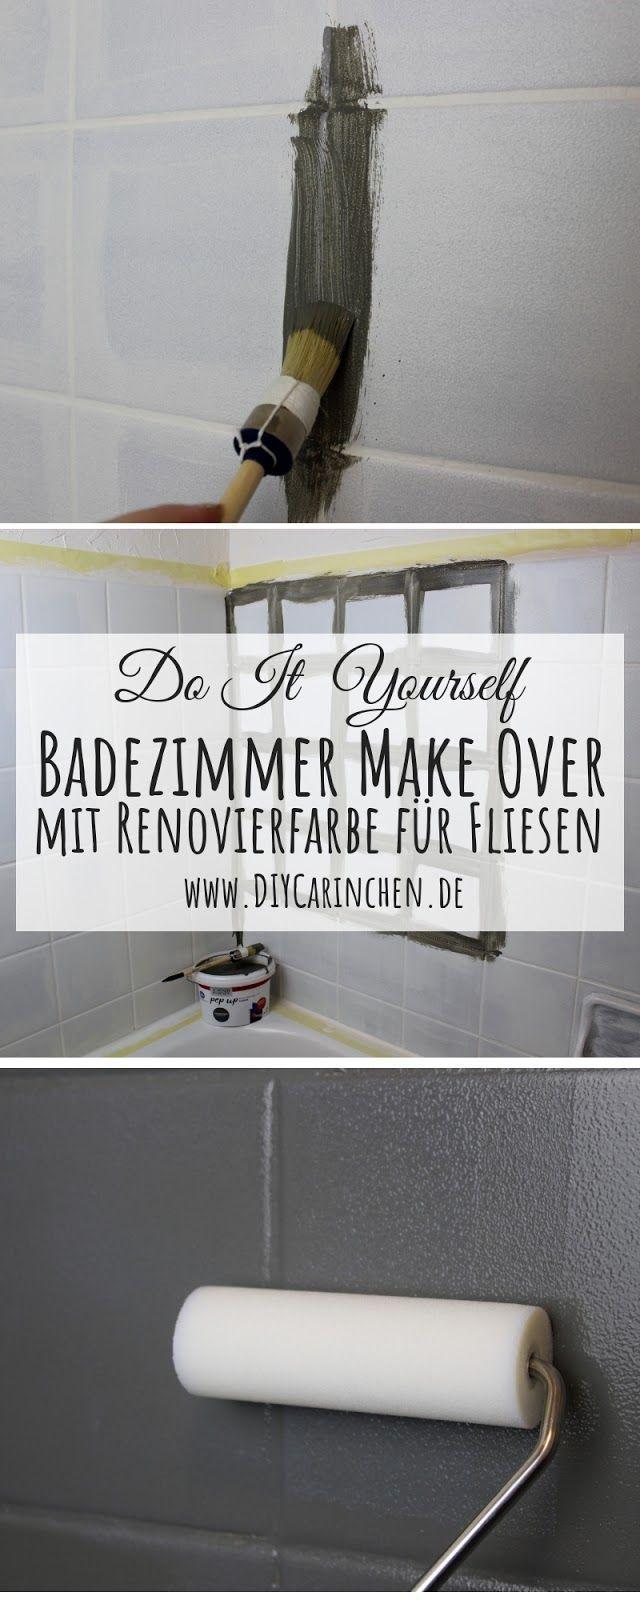 Diy Badezimmer Streichen Und Renovieren Mit Fliesenfarbe Anzeige Diy Diy Badezimmer Make Over In 2020 Mit Bildern Badezimmer Streichen Fliesenfarbe Badezimmer Gestalten